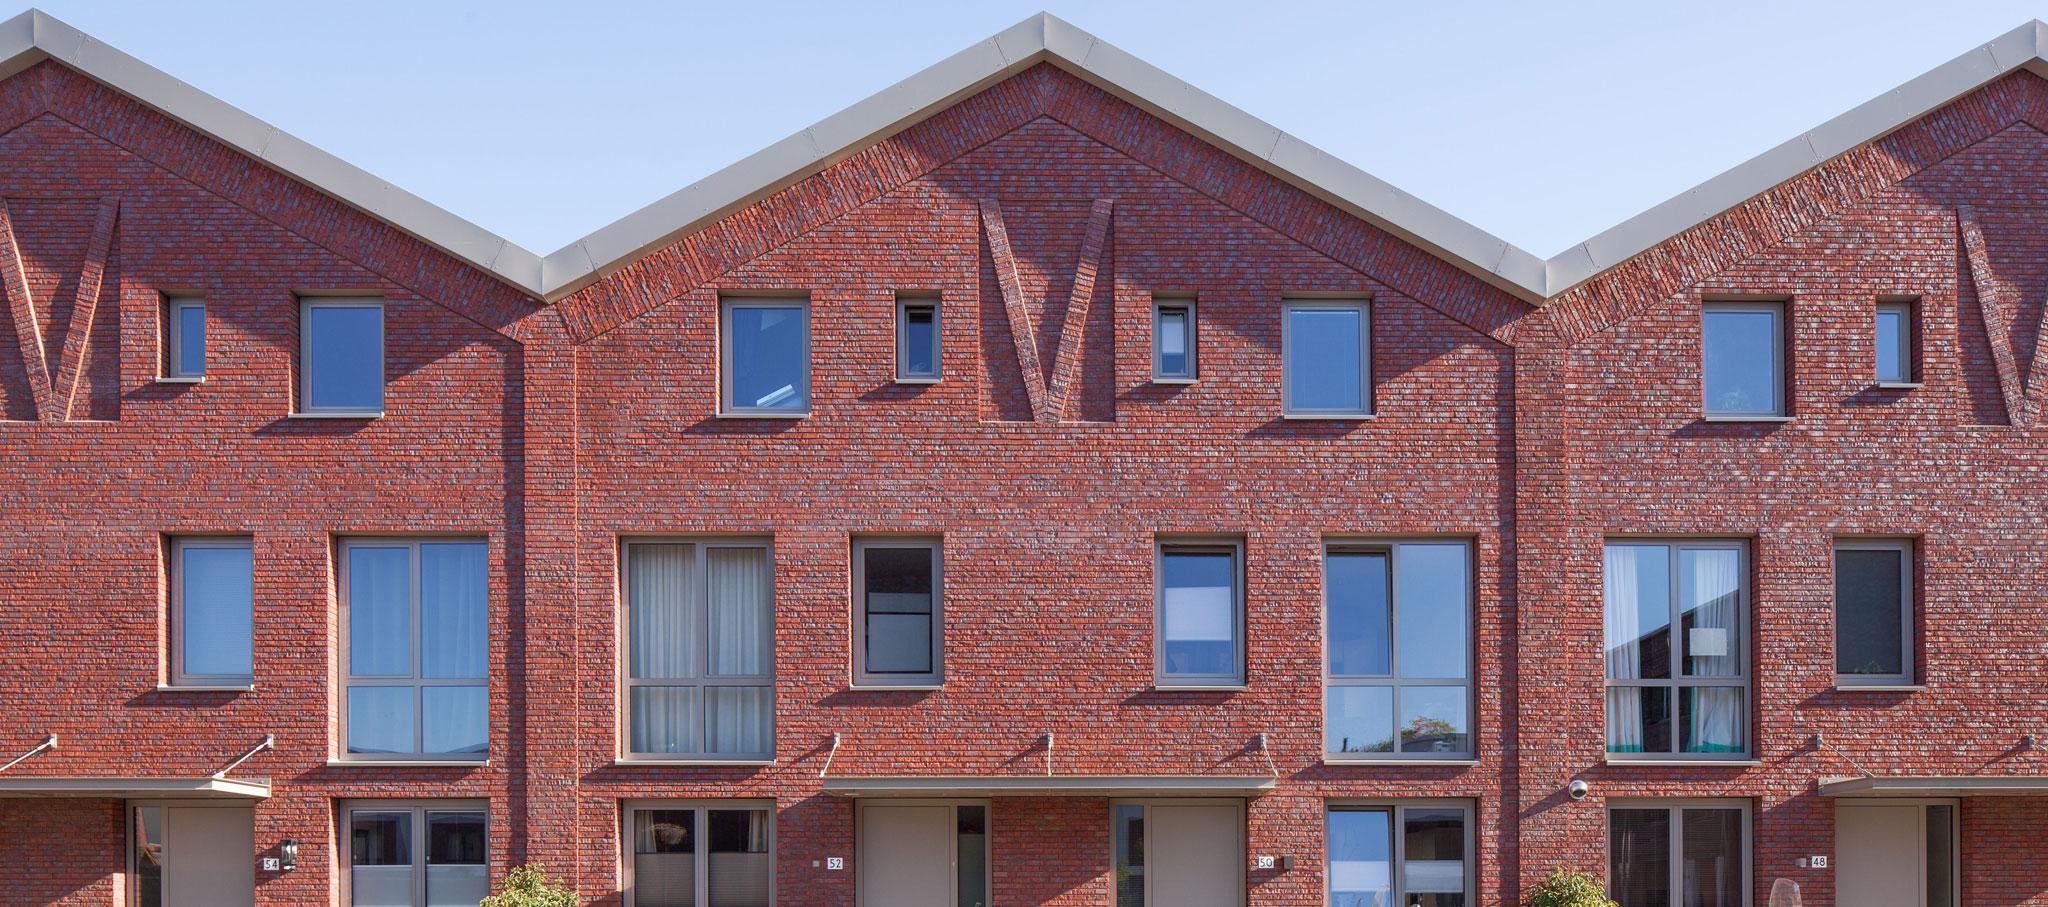 Masterplan Villa Industria en Hilversum por Mecanoo architecten. Fotografía por Mecanoo architecten